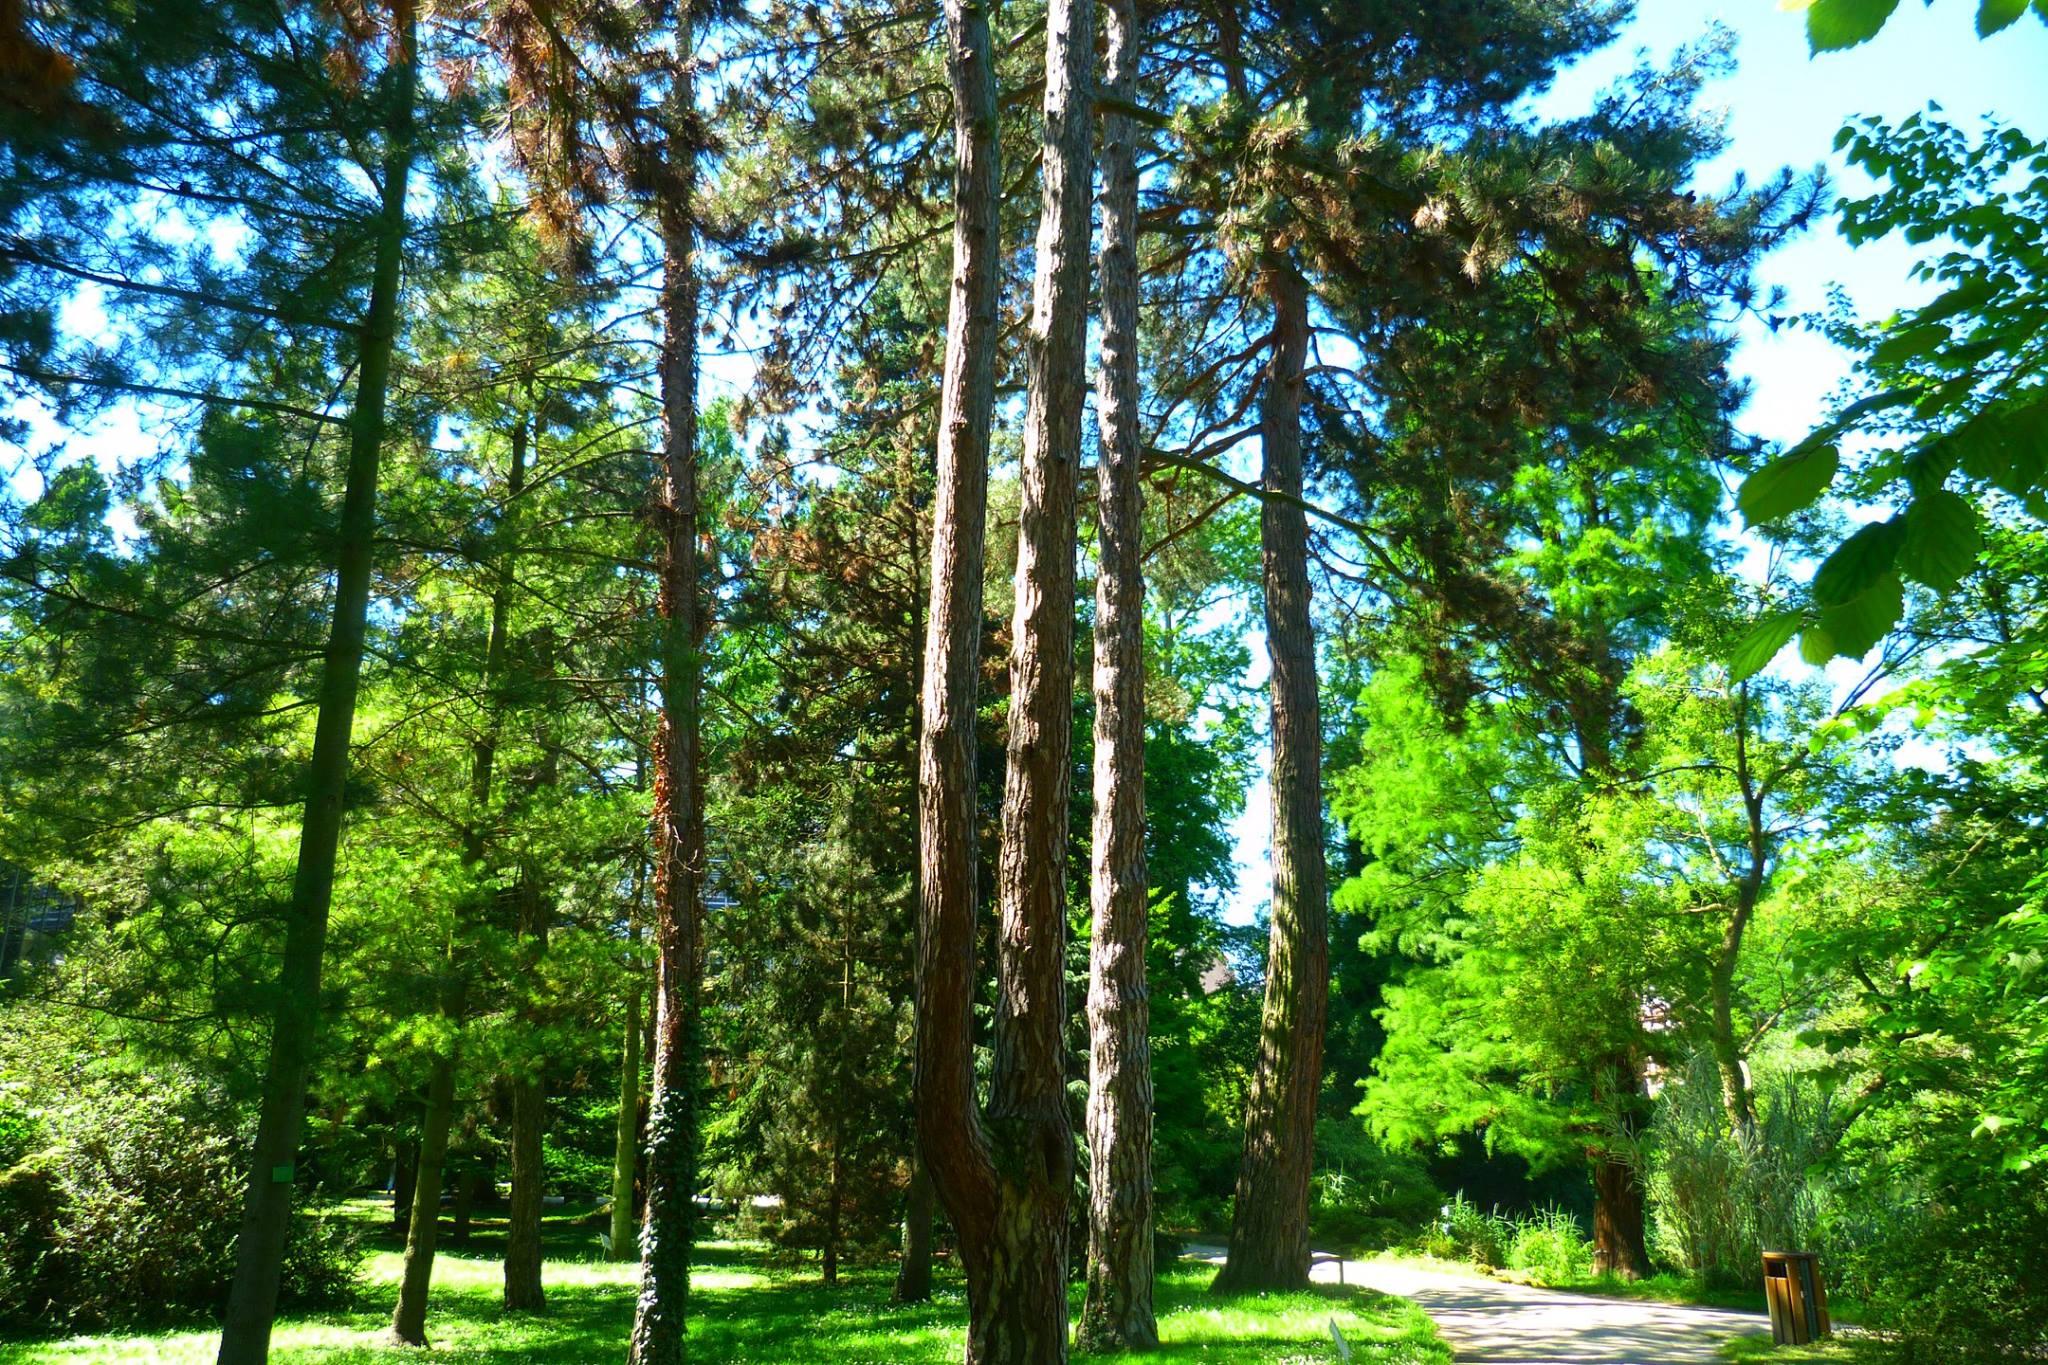 Galerie photos association des amis du jardin botanique for Amis jardin botanique